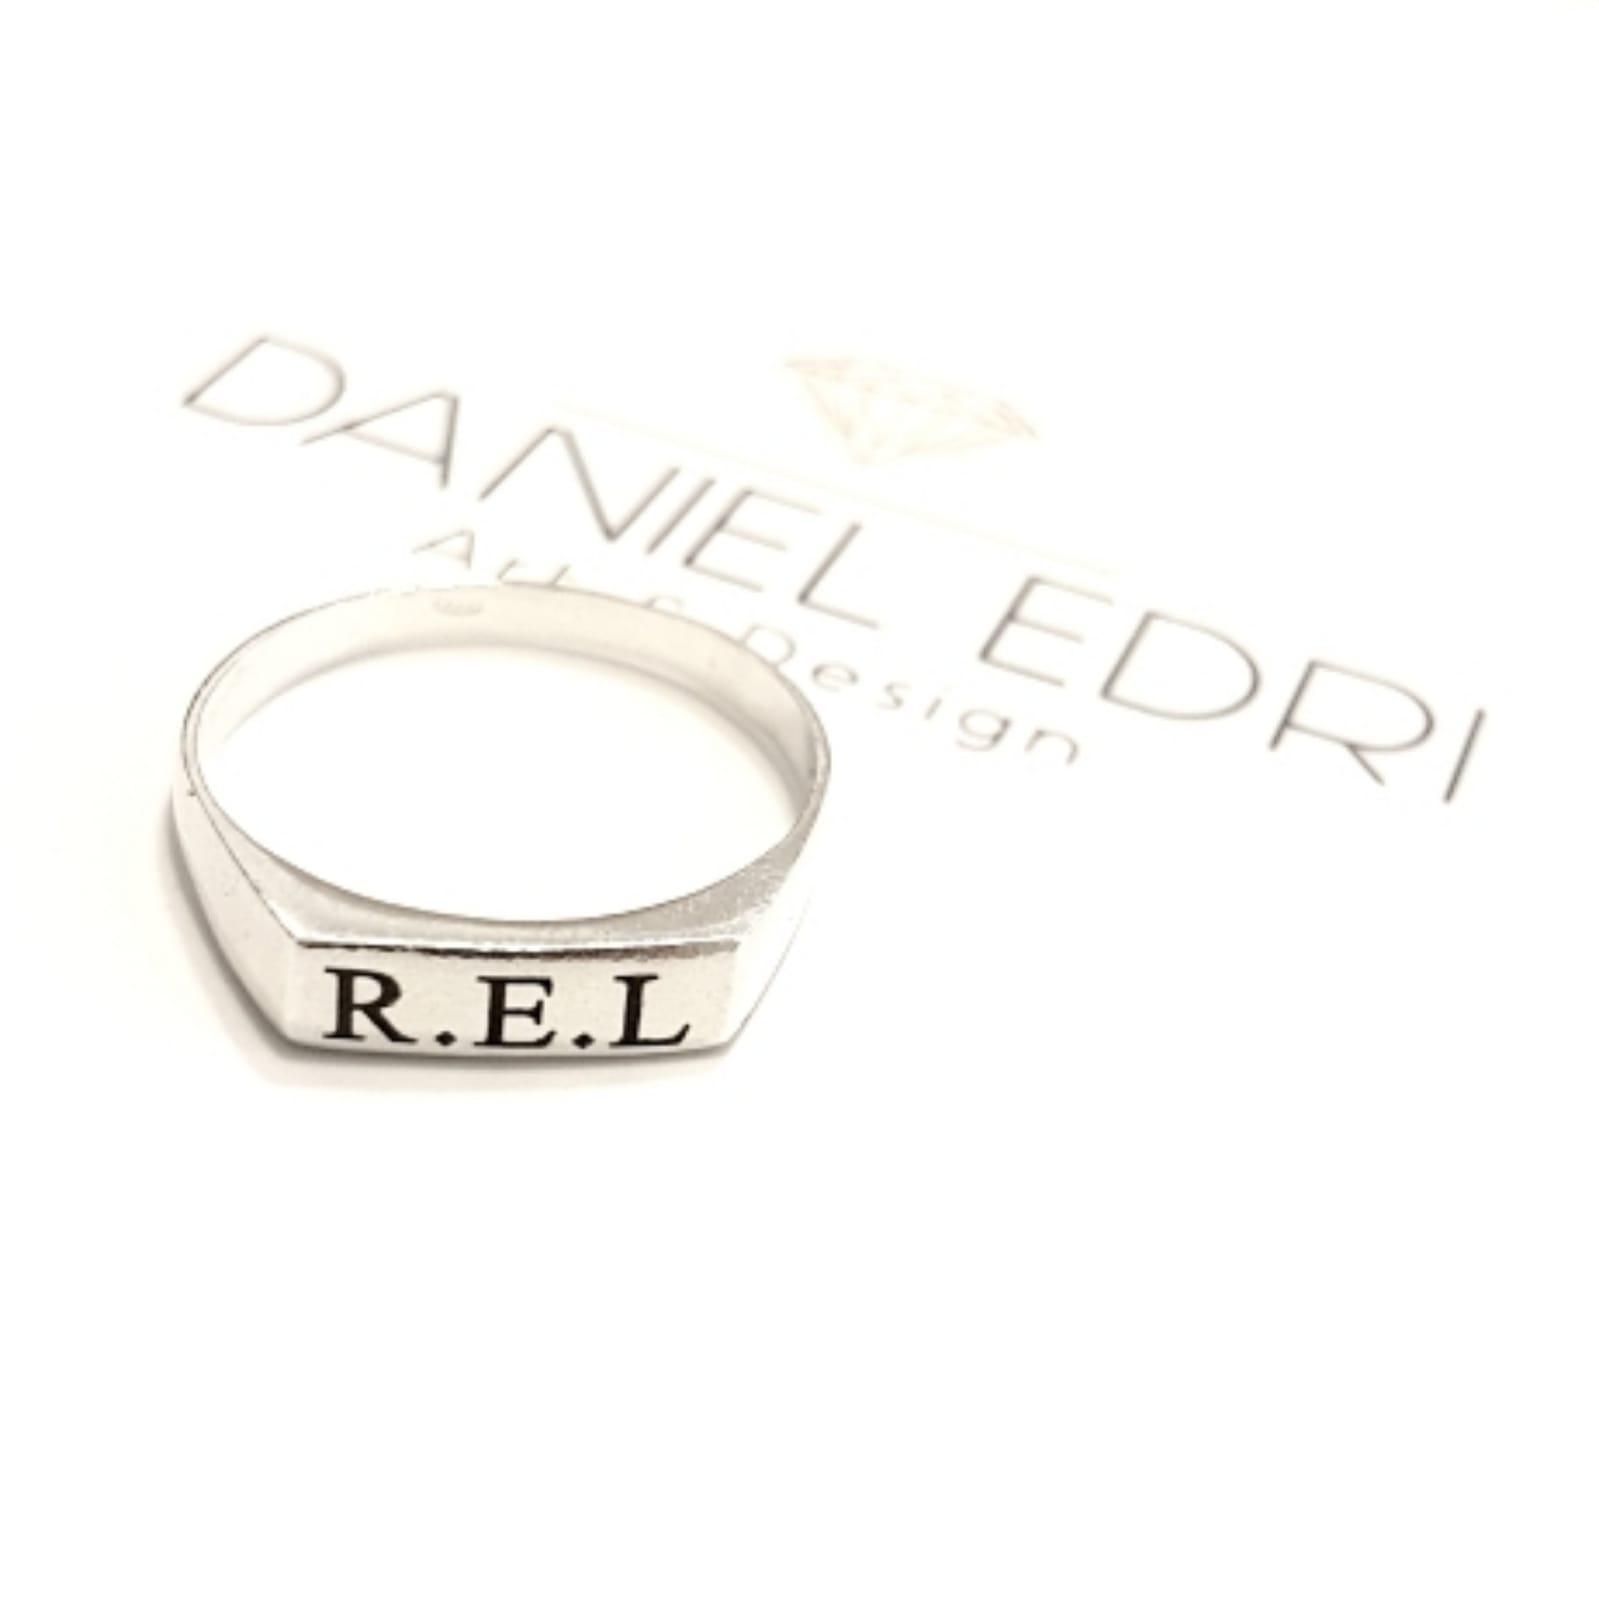 טבעת שורה וחריטה שחורה